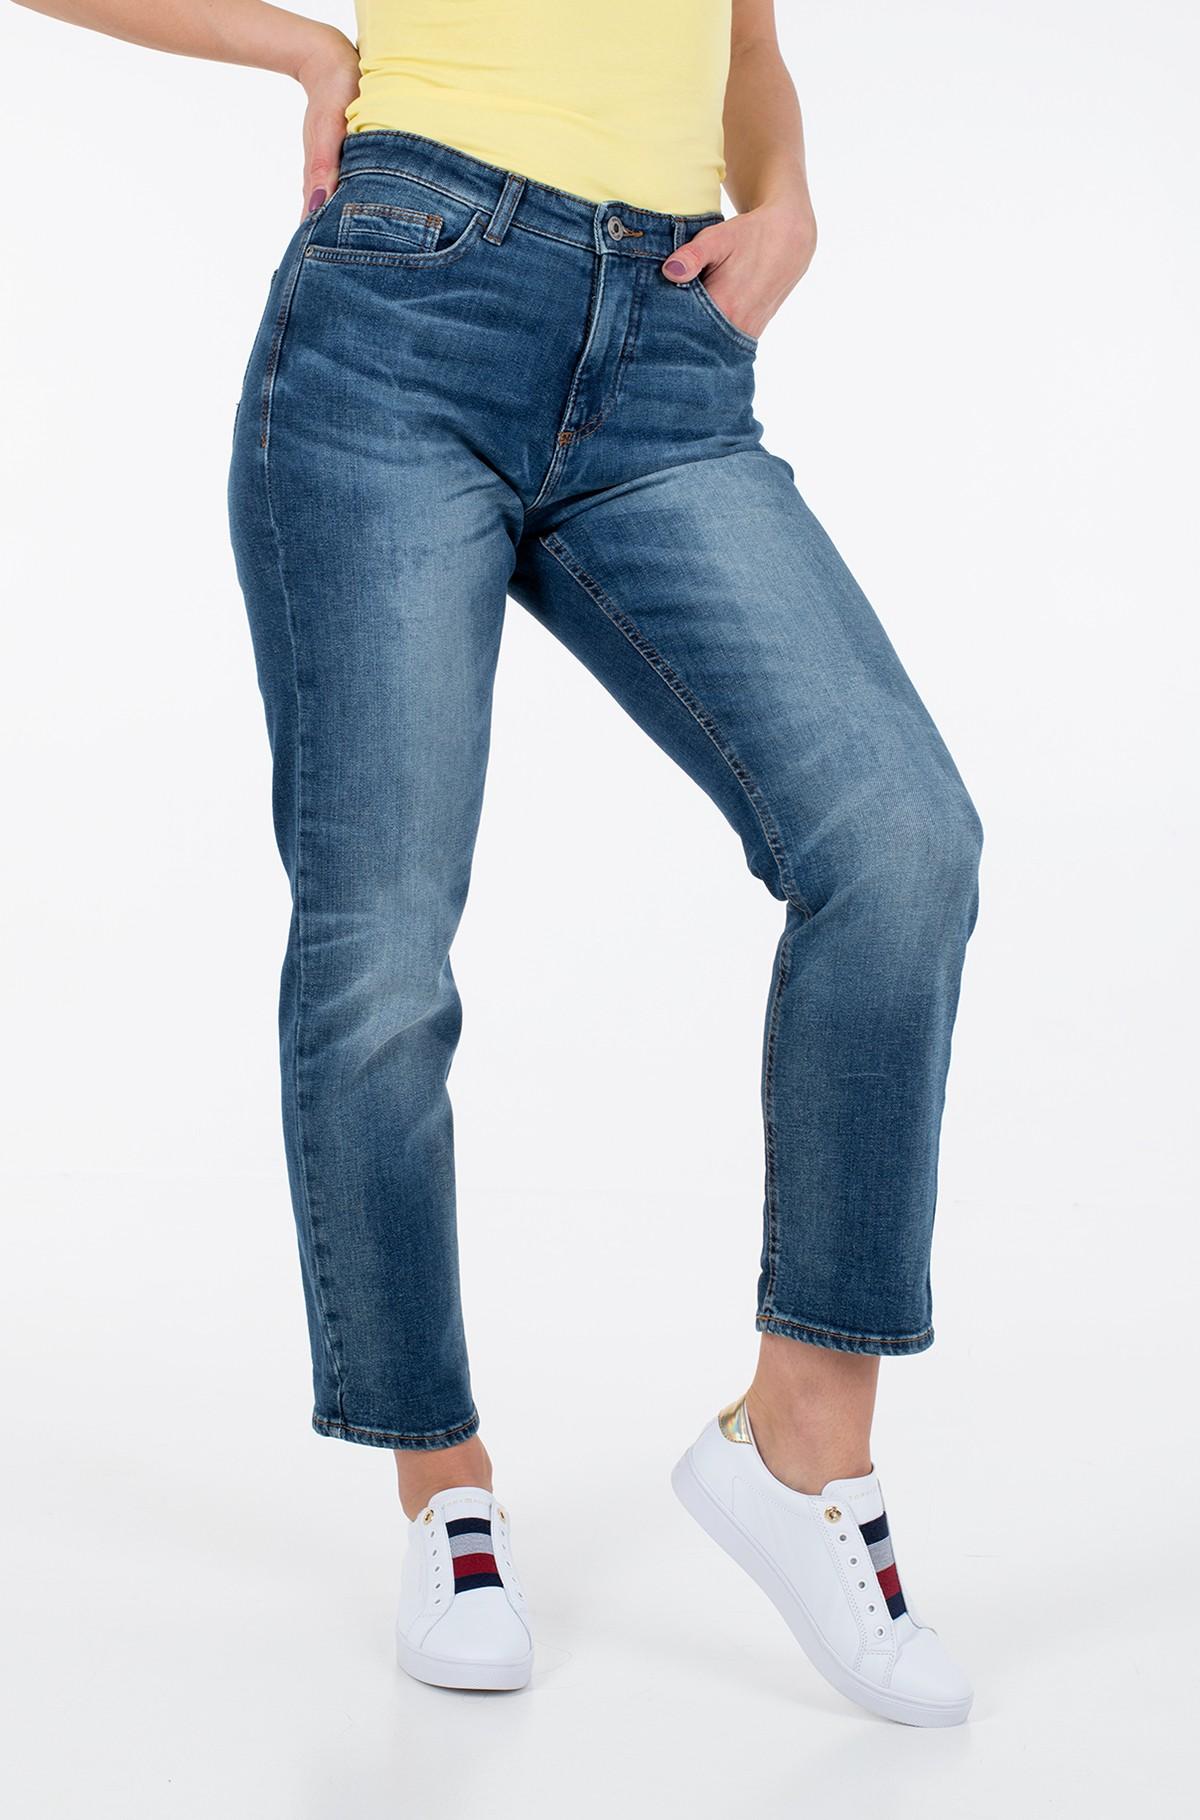 Džinsinės kelnės 388425/5574-full-1